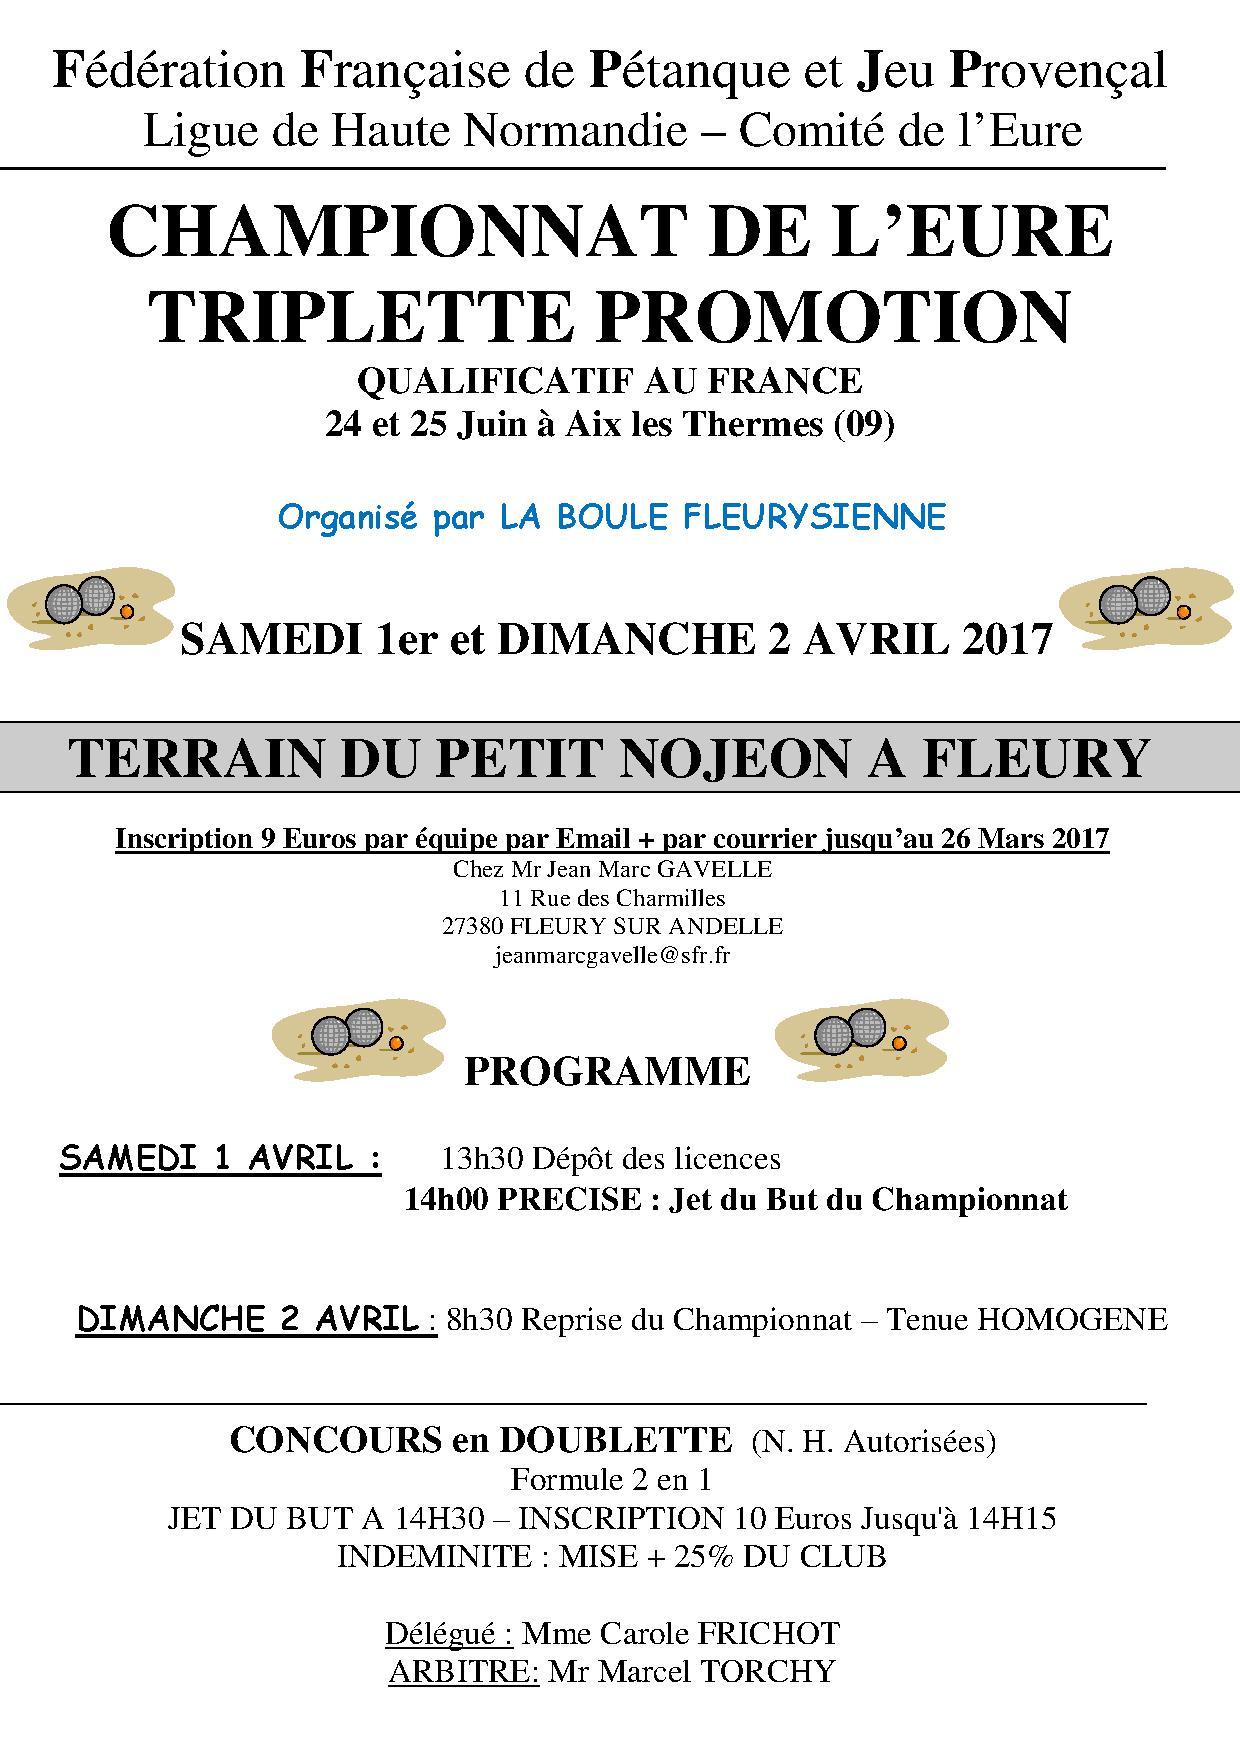 Championnat de l'Eure promotion 2017  1 et 2 avril